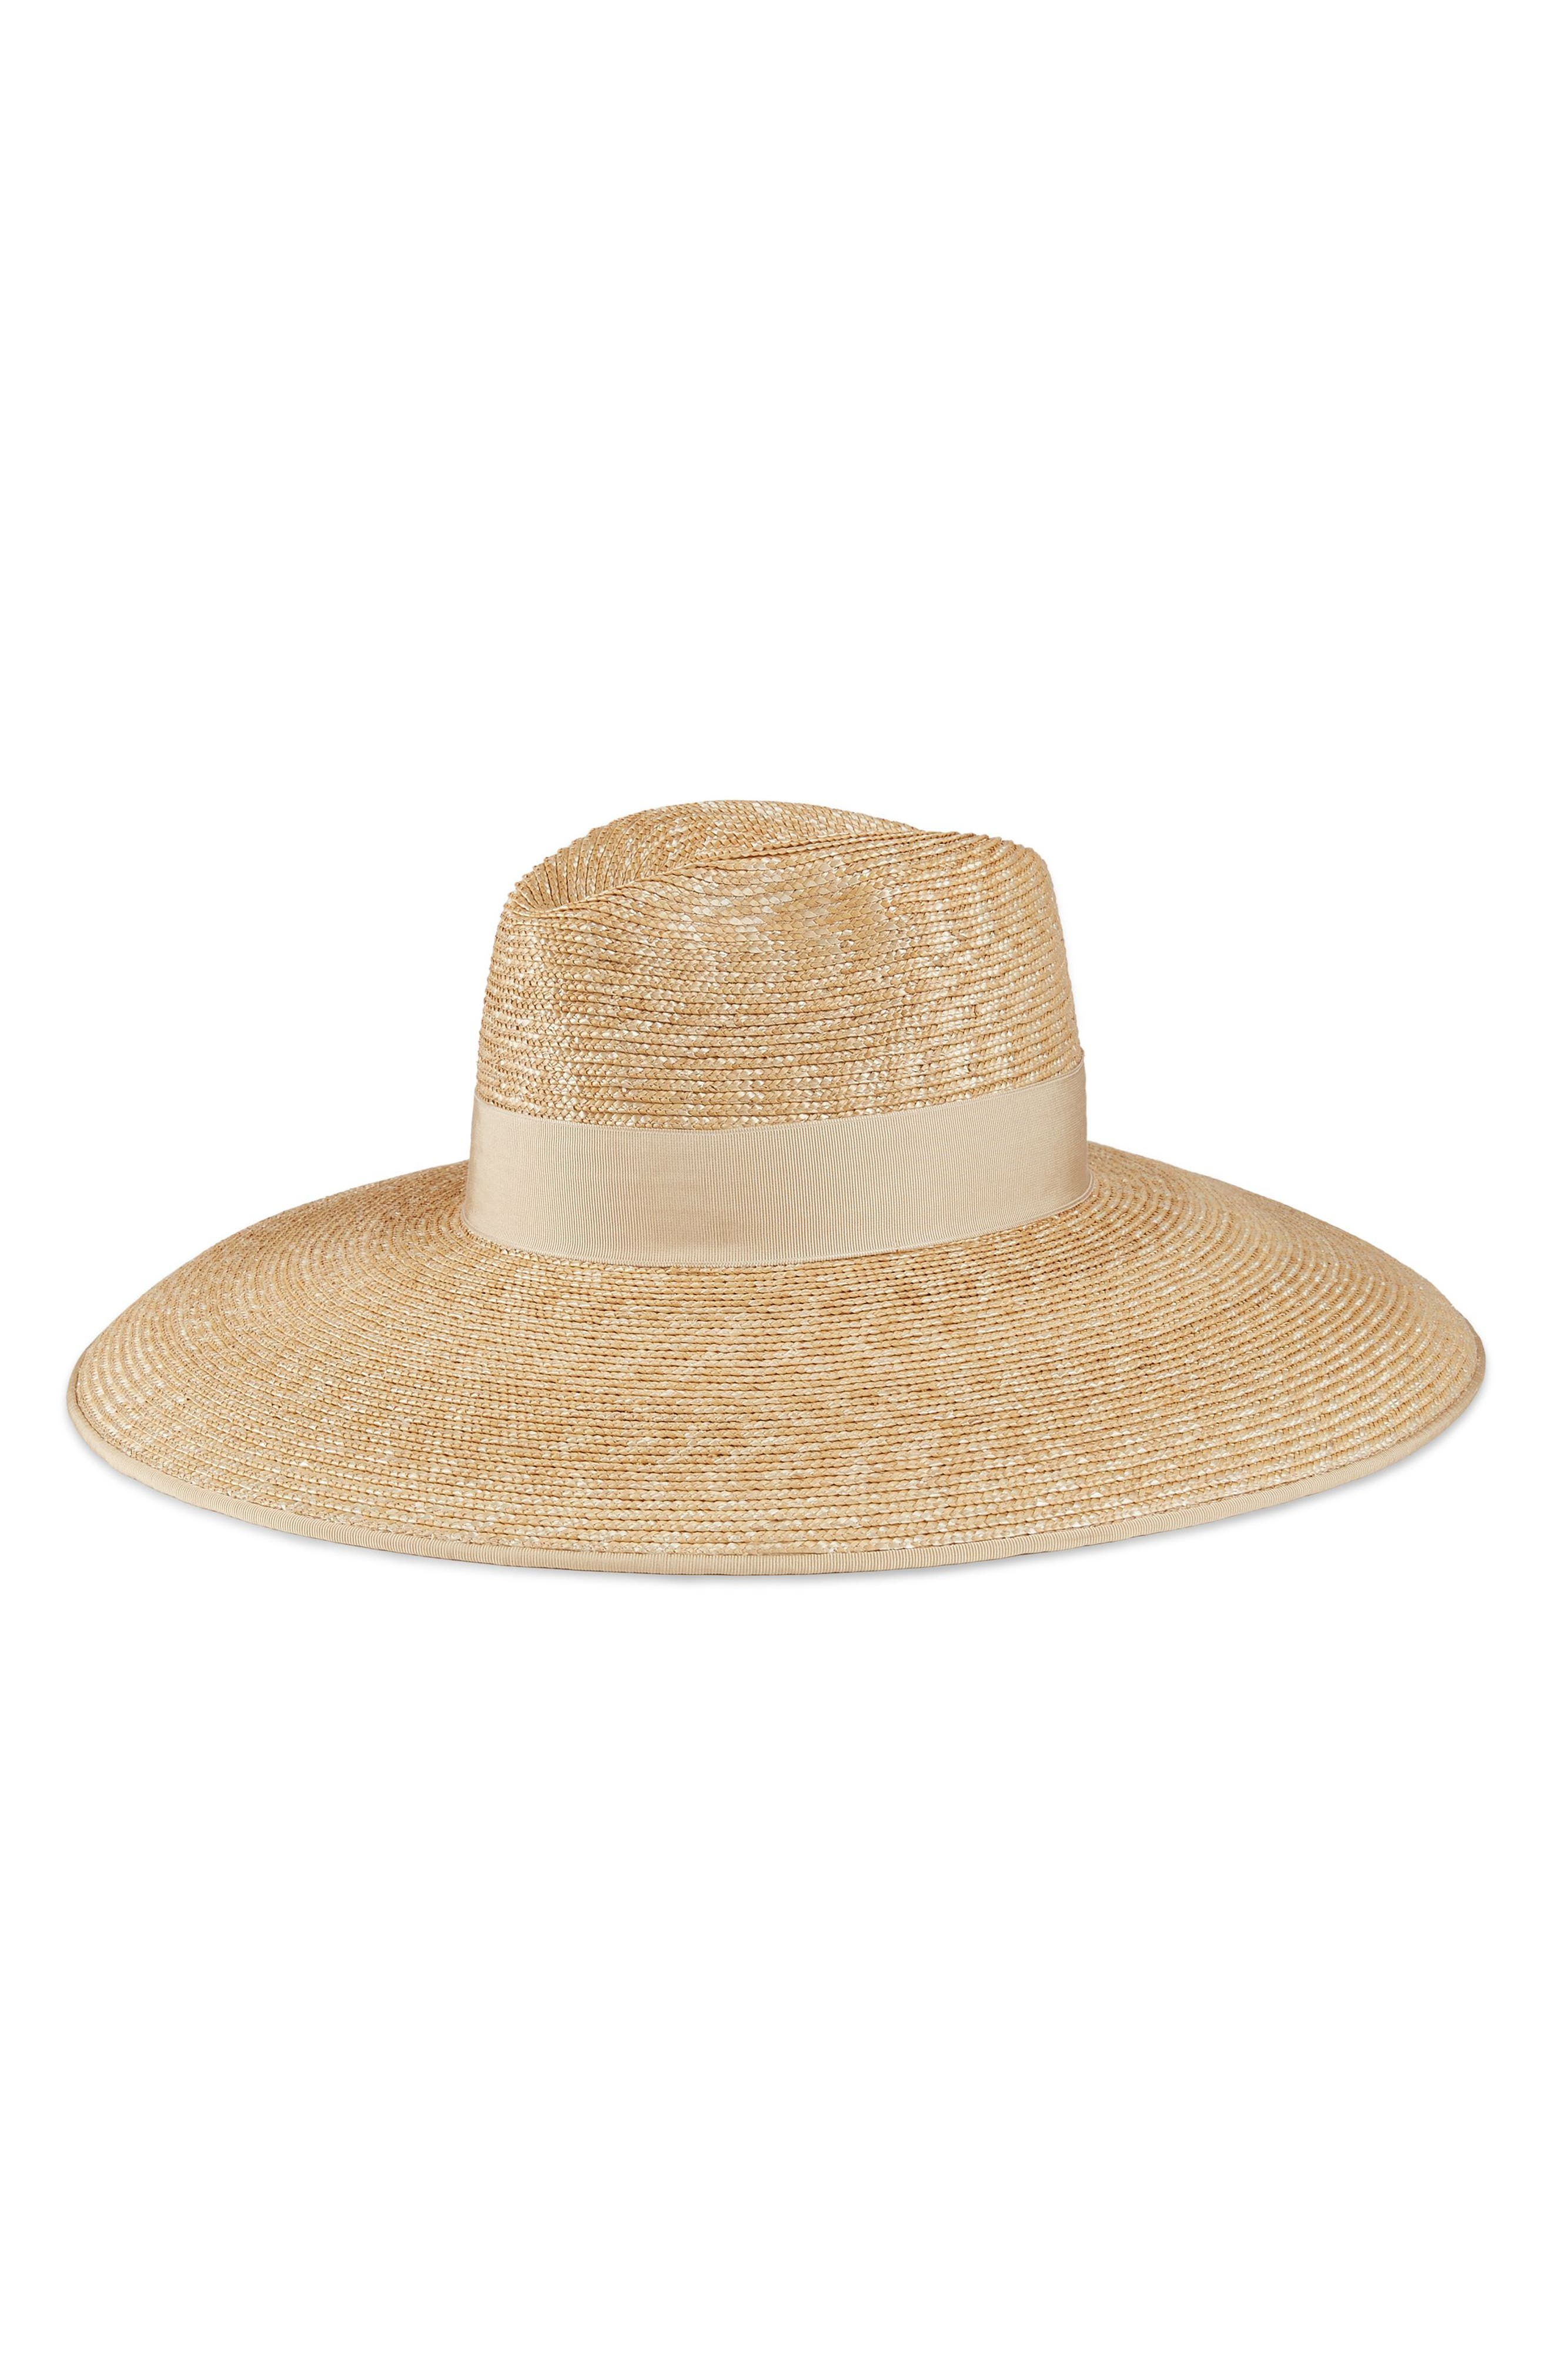 Crystal Embellished Wide Brim Straw Hat,                             Alternate thumbnail 2, color,                             110